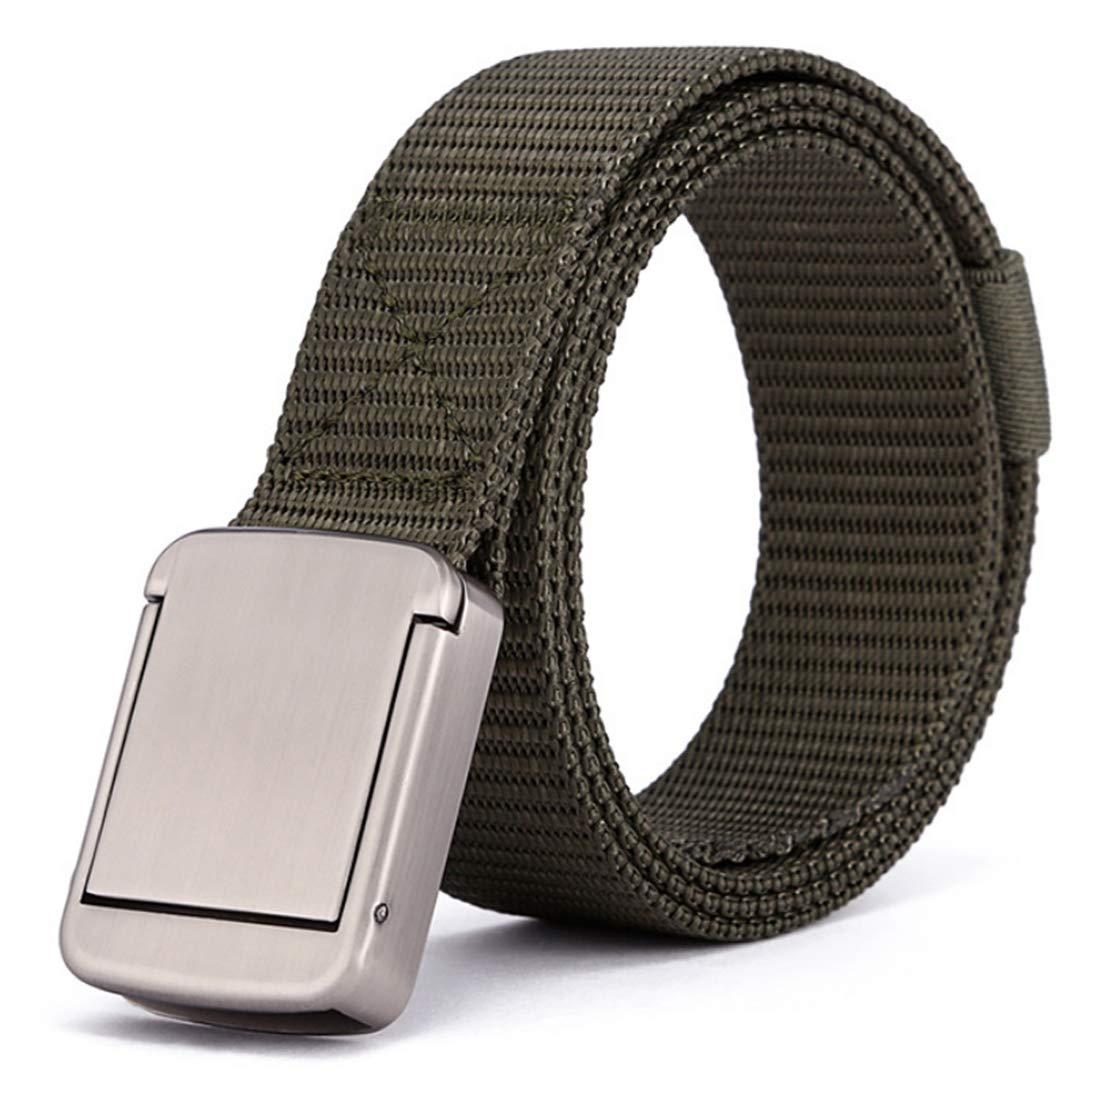 Aiweijia Cinturón de lona de nylon para hombres y mujeres cinturón táctico estilo militar correas de trabajo pesado de liberación rápida hebilla de seguridad de metal